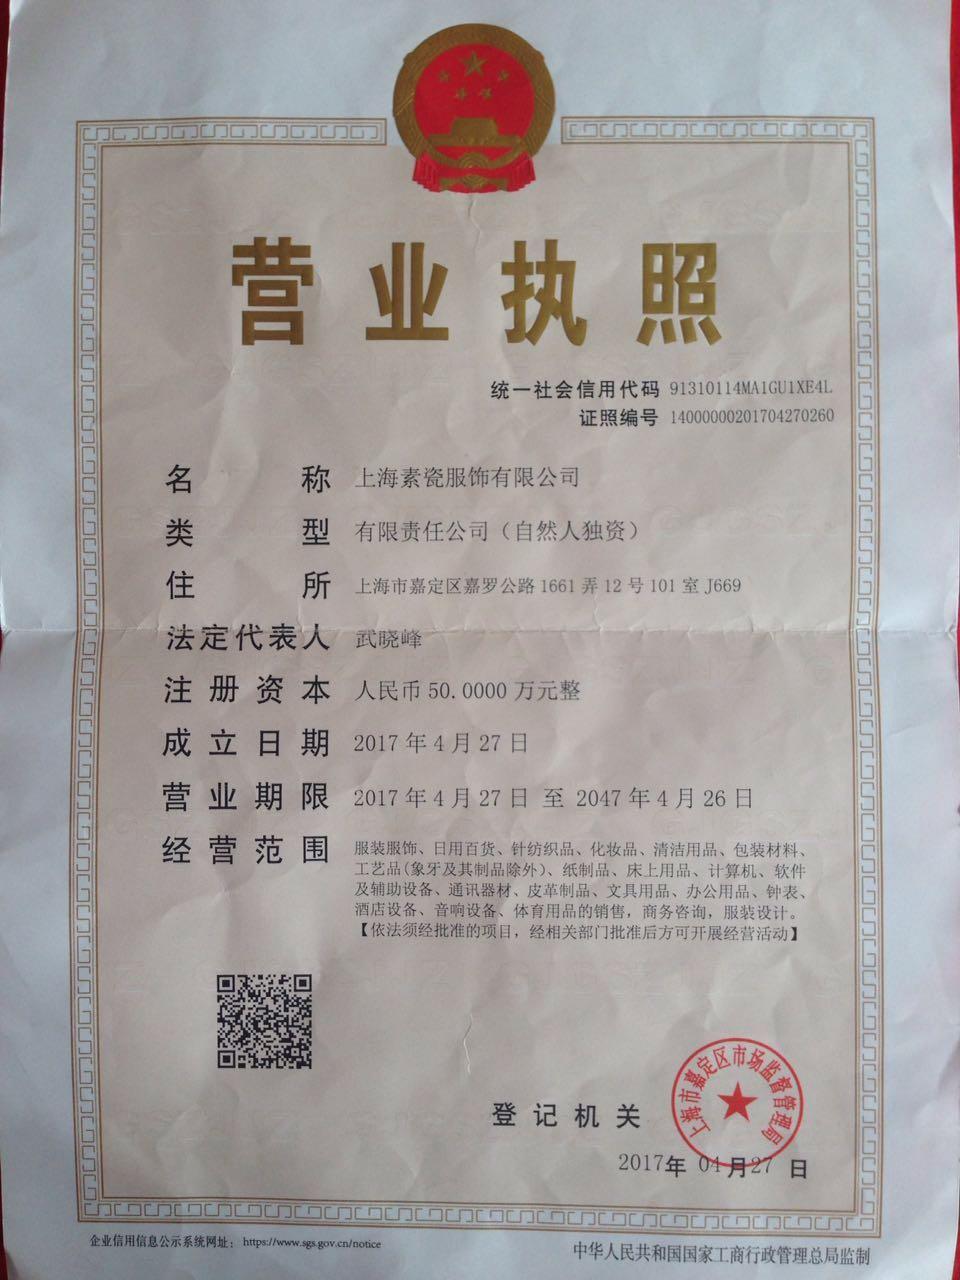 上海素瓷服饰有限公司企业档案